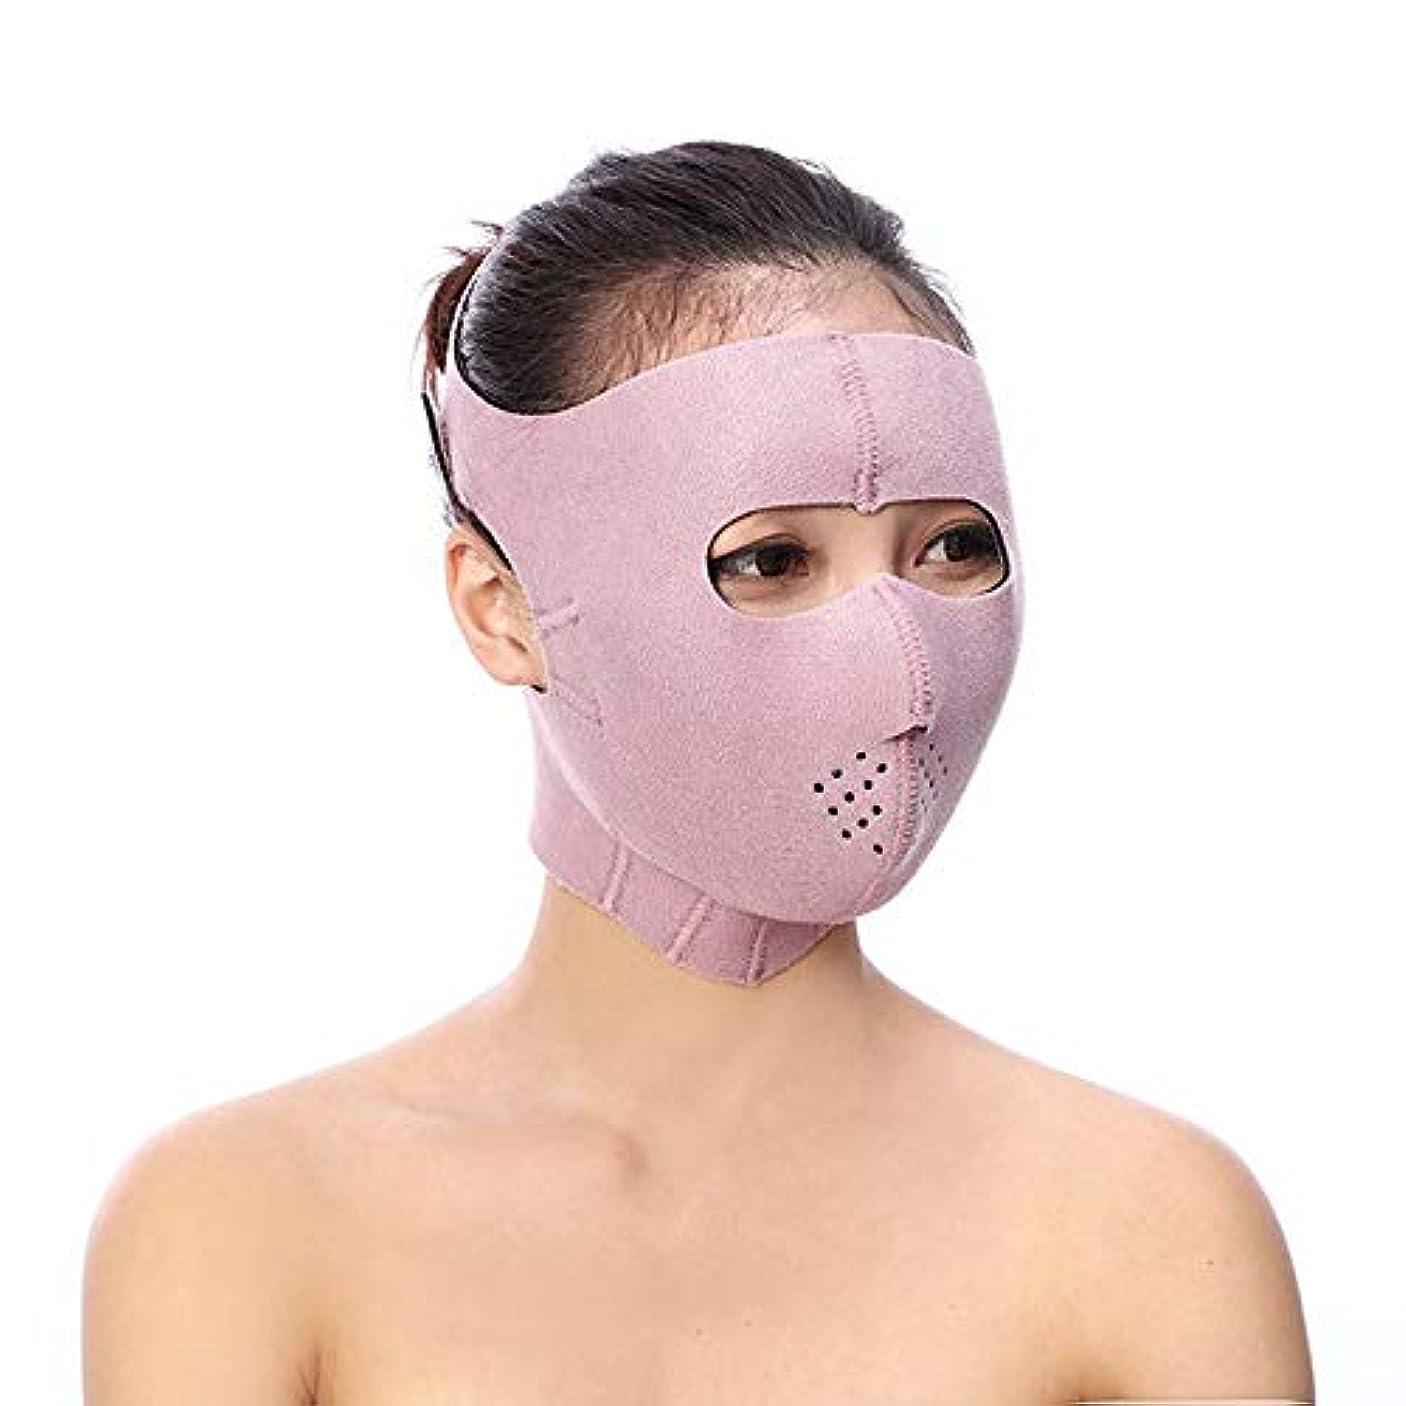 意志に反する隠有効なフェイシャルリフティング痩身ベルト - Vフェイス包帯マスクフェイシャルマッサージャー無料の薄いフェイス包帯整形マスクを引き締める顔と首の顔スリム